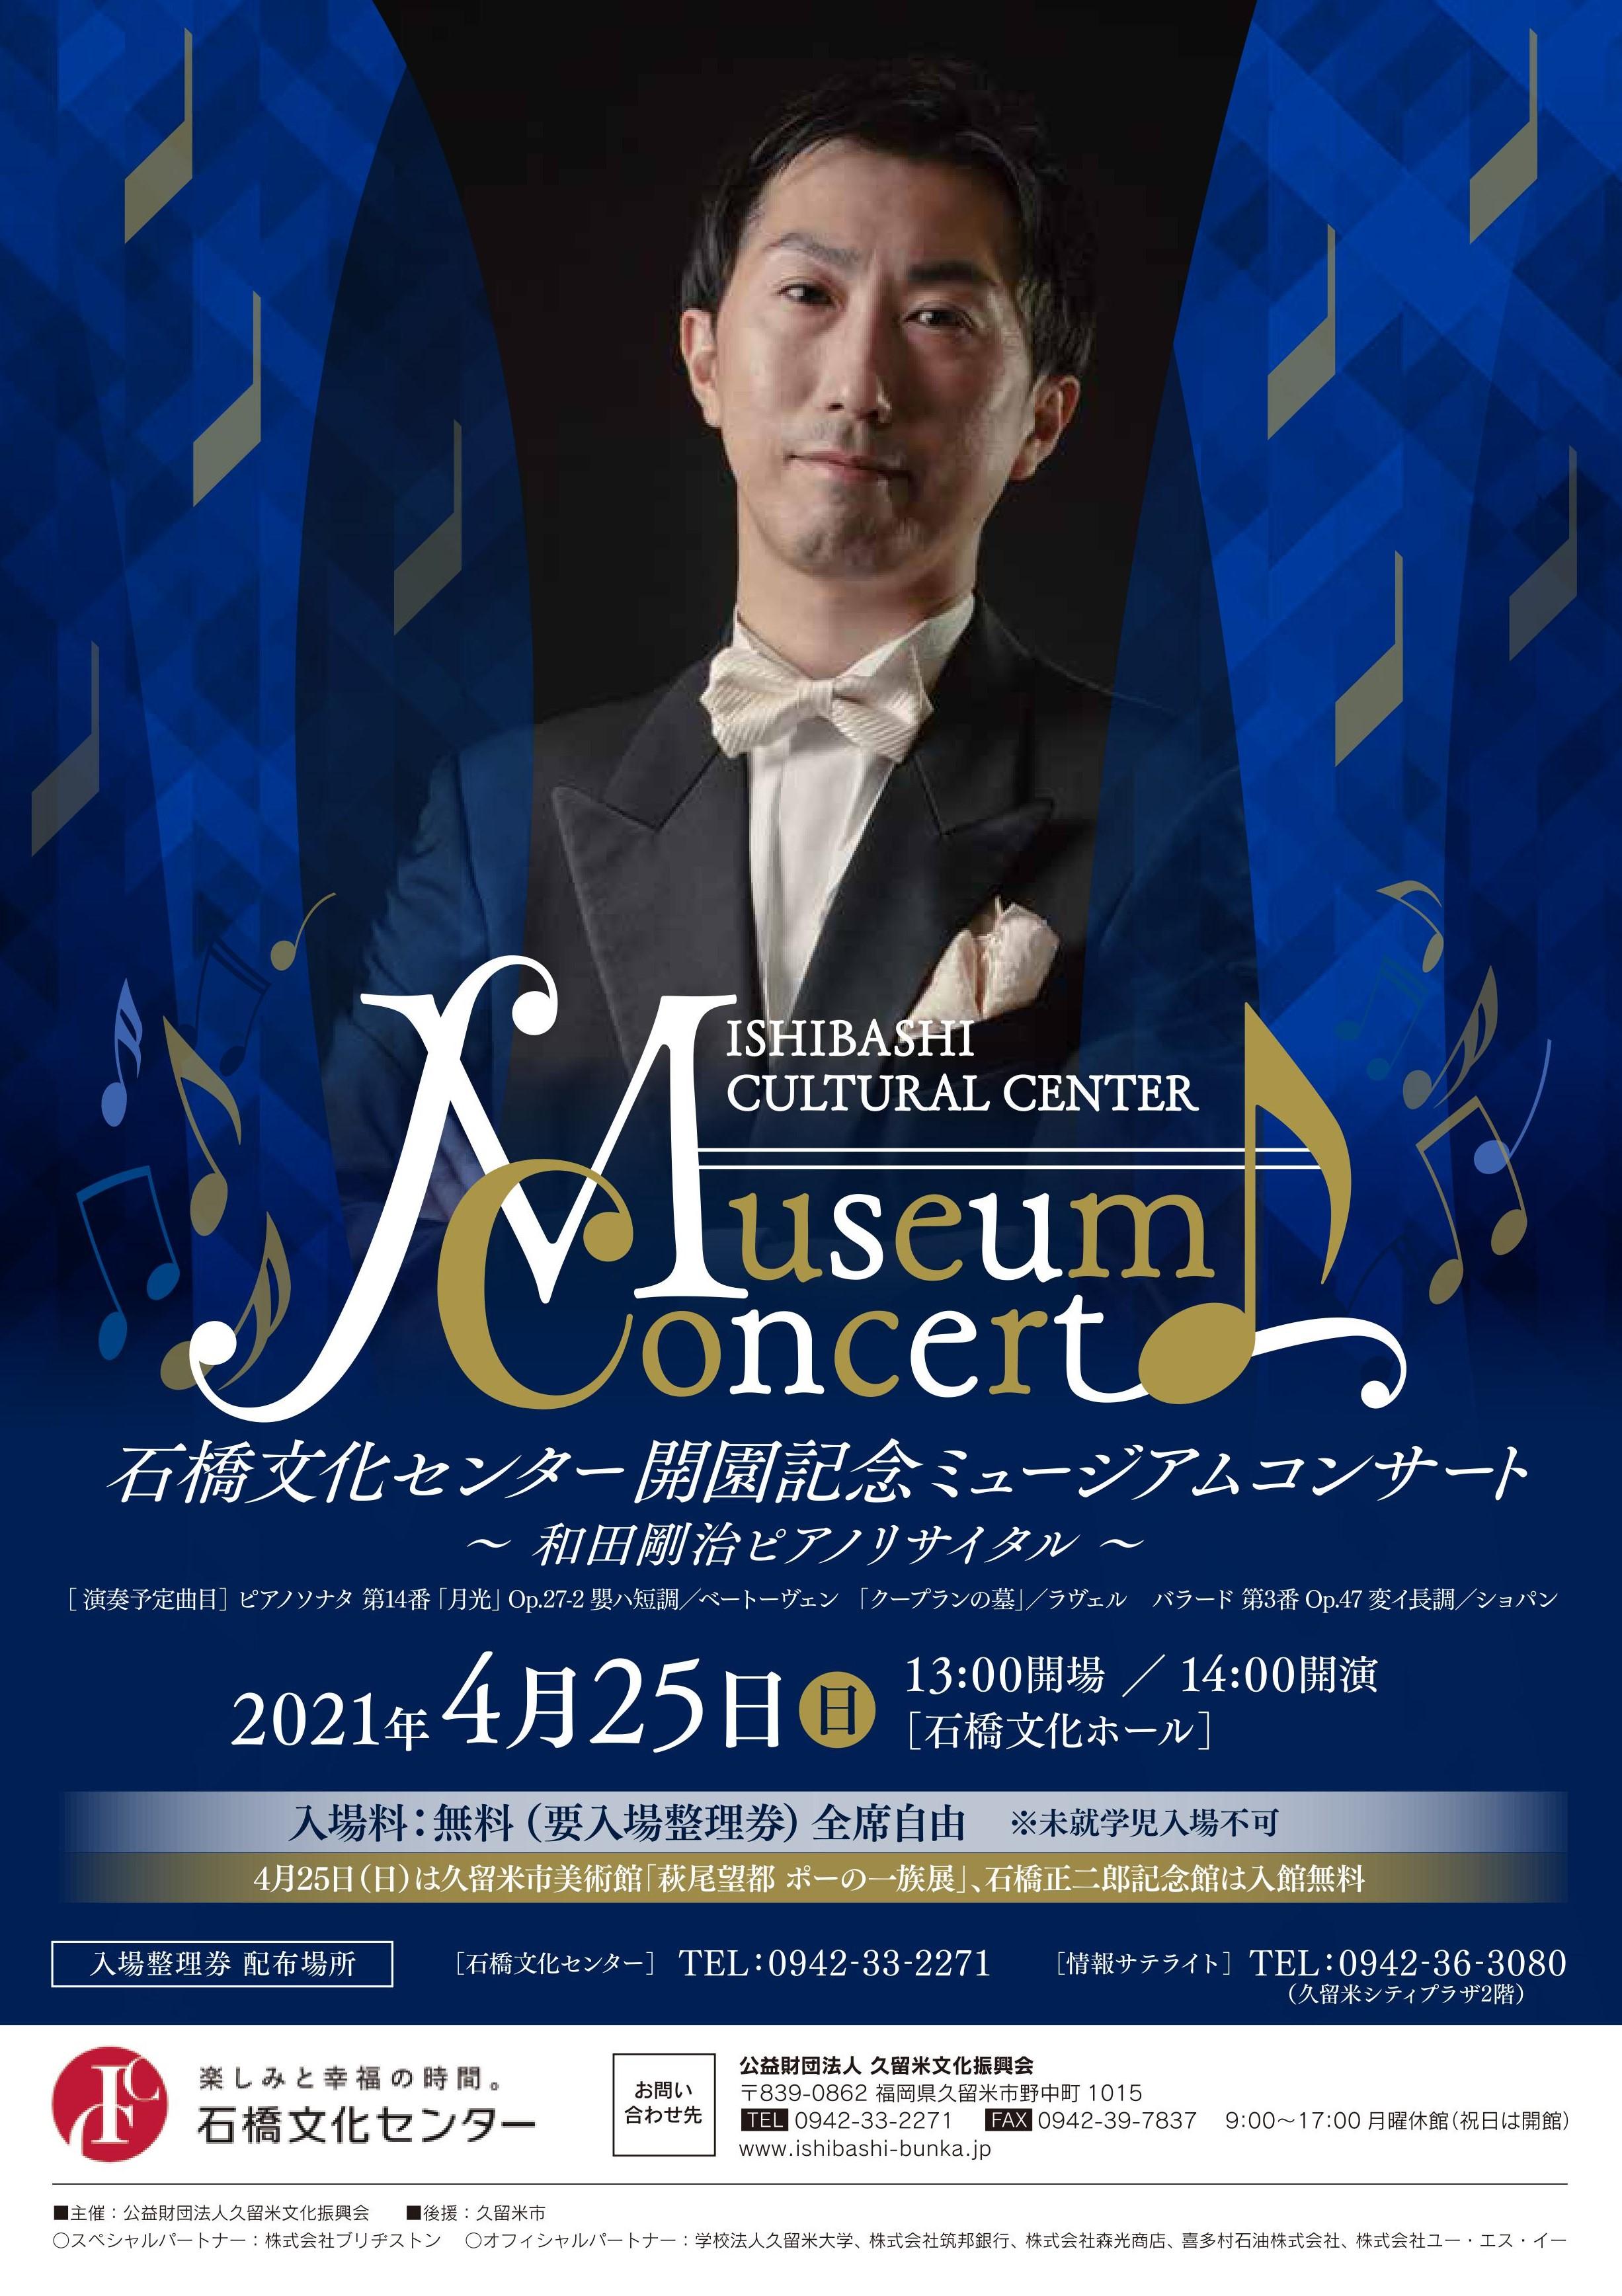 石橋文化センター開園記念 ミュージアムコンサート